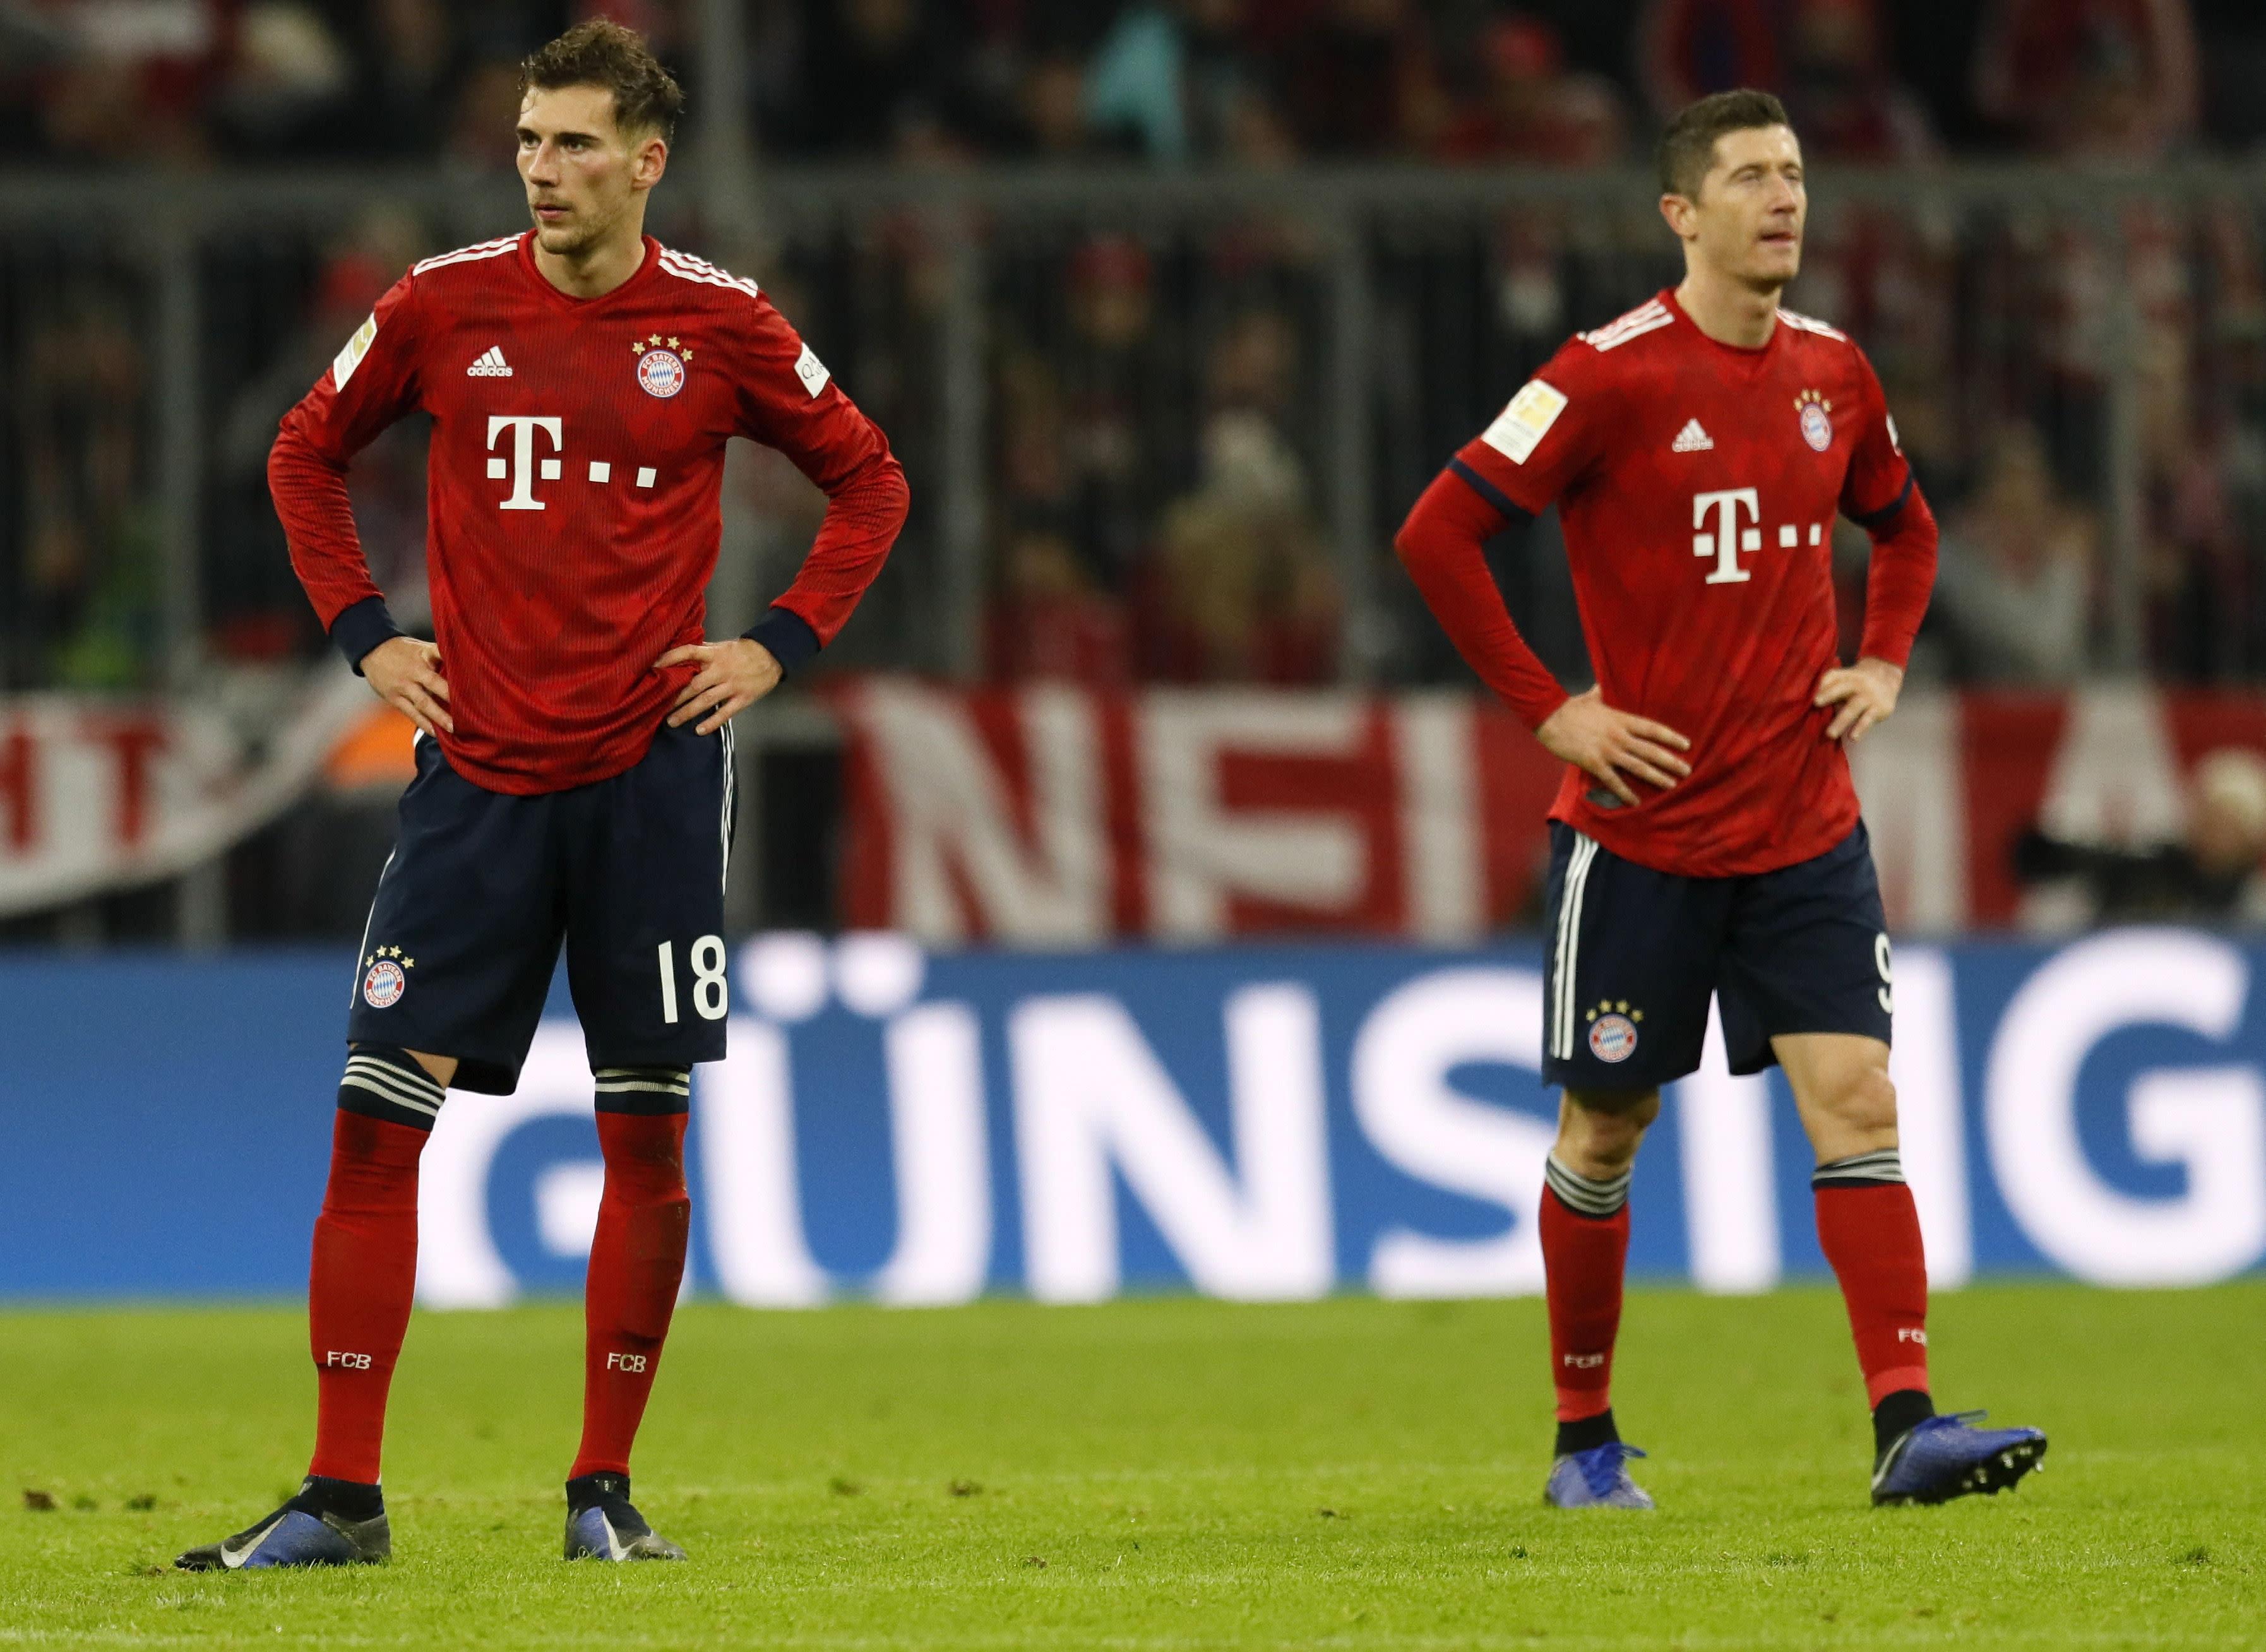 Davis Bayern München